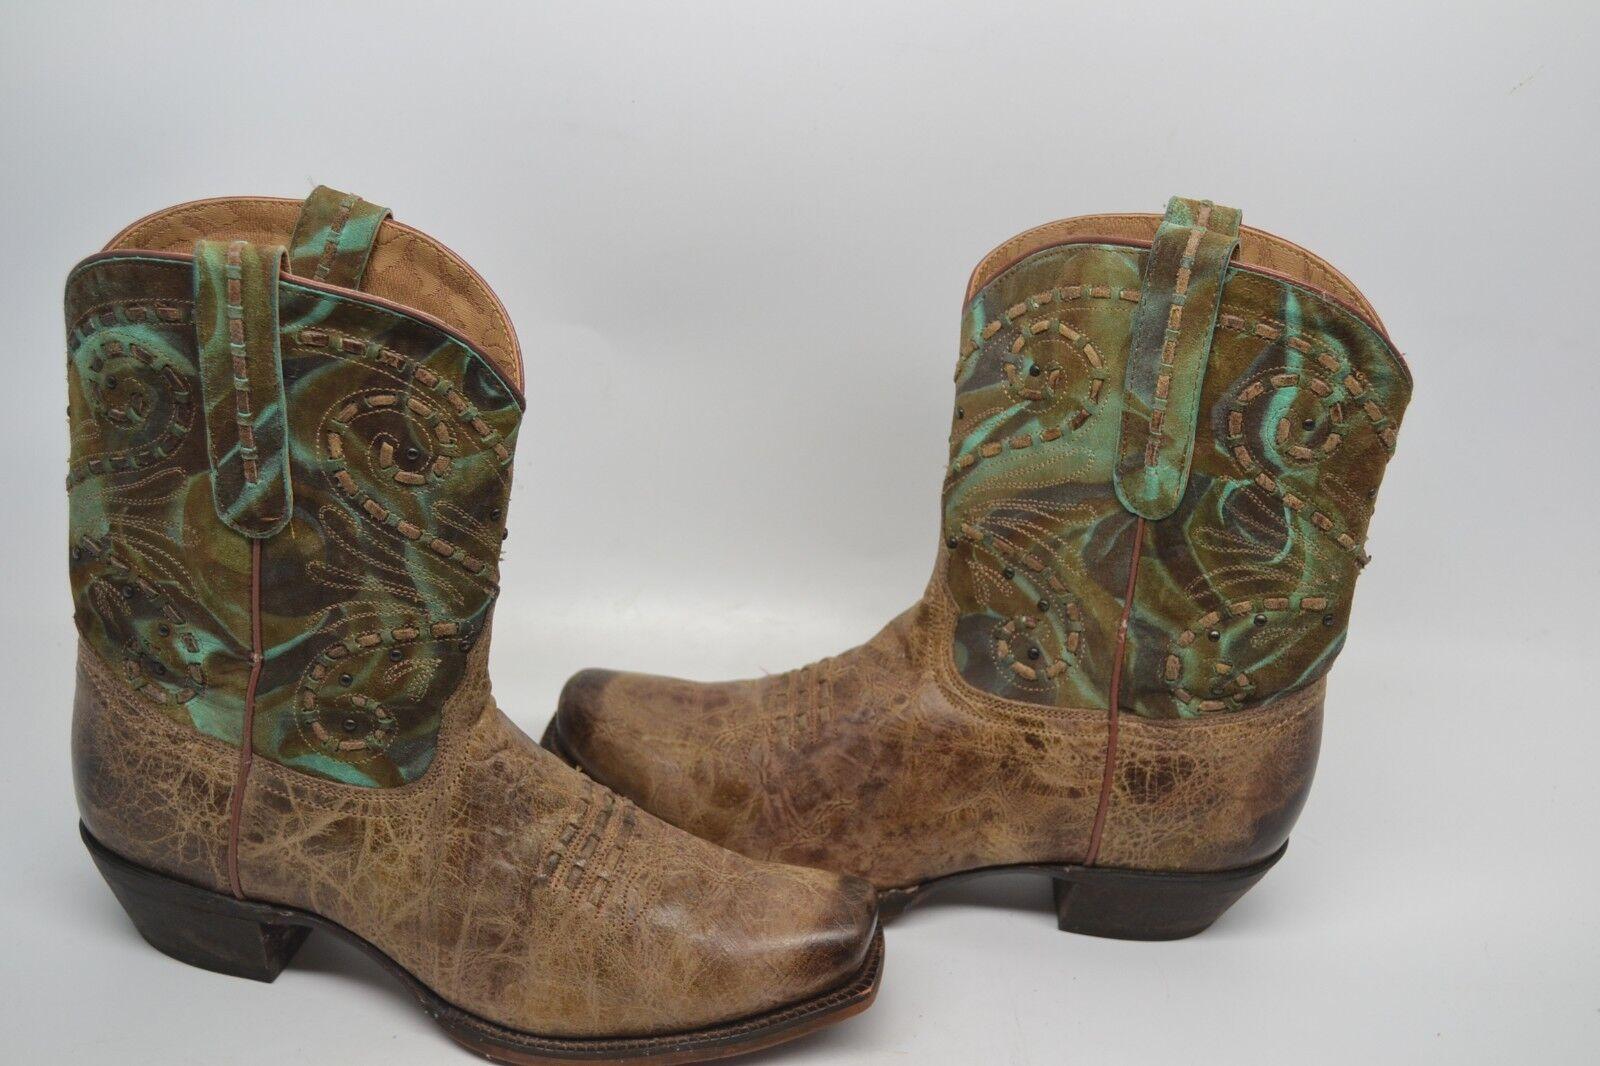 Tony Lama Mujeres vf 6027 vaquero occidental Shorty Dedo Dedo Dedo Del Pie Cuadrado Cuero bota 8 B  venta al por mayor barato